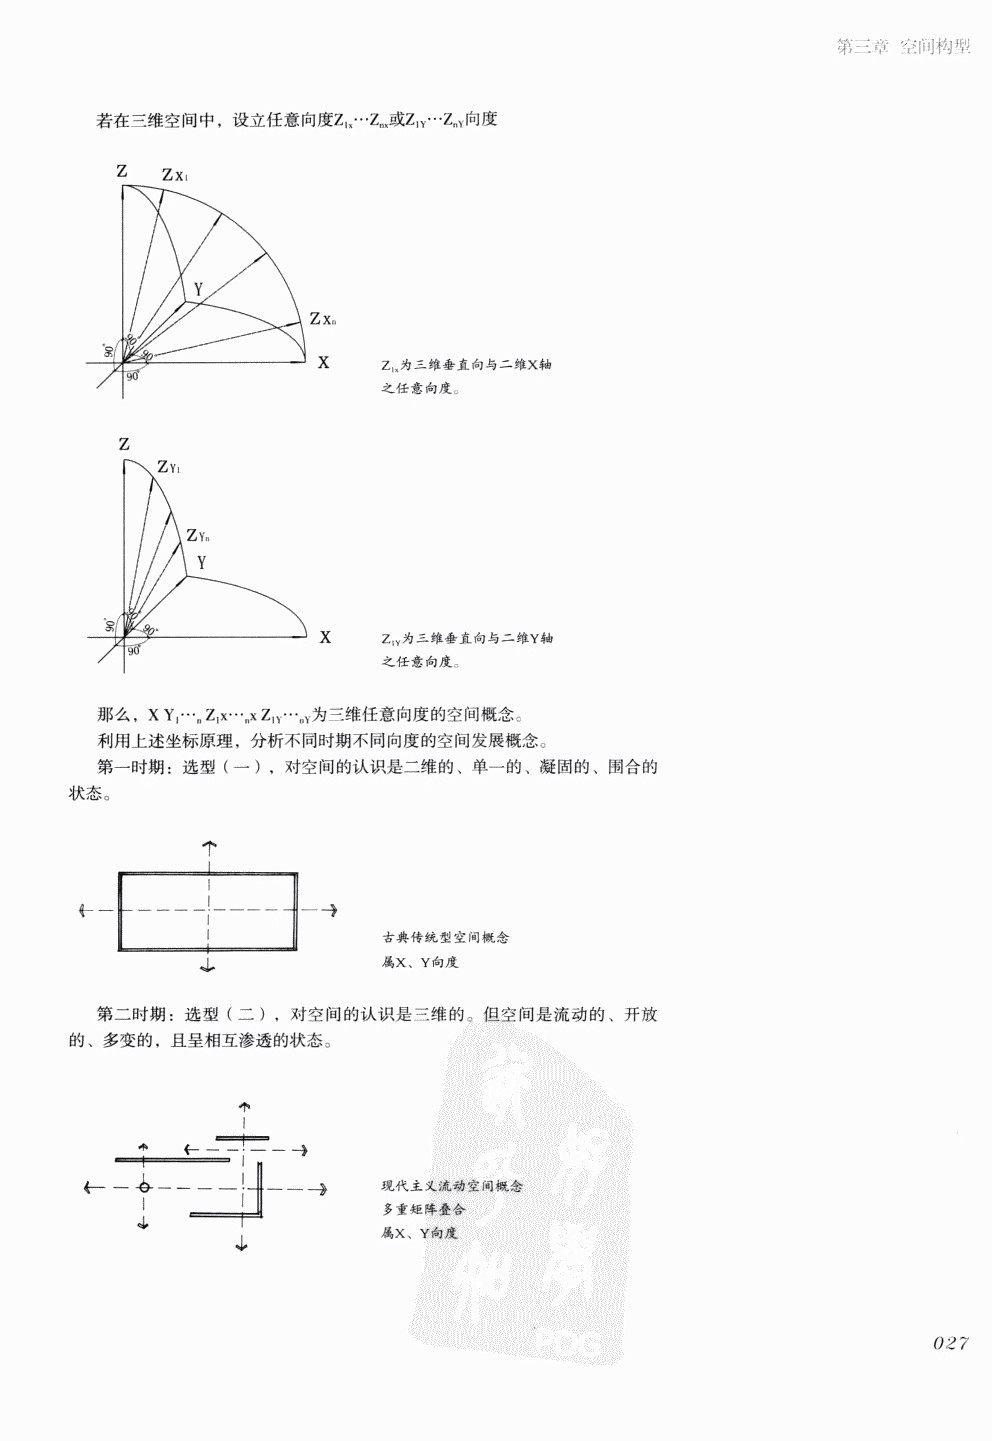 室内设计纲要++概念思考与过程表达_室内设计纲要  概念思考与过程表达_1297982..._页面_035.jpg